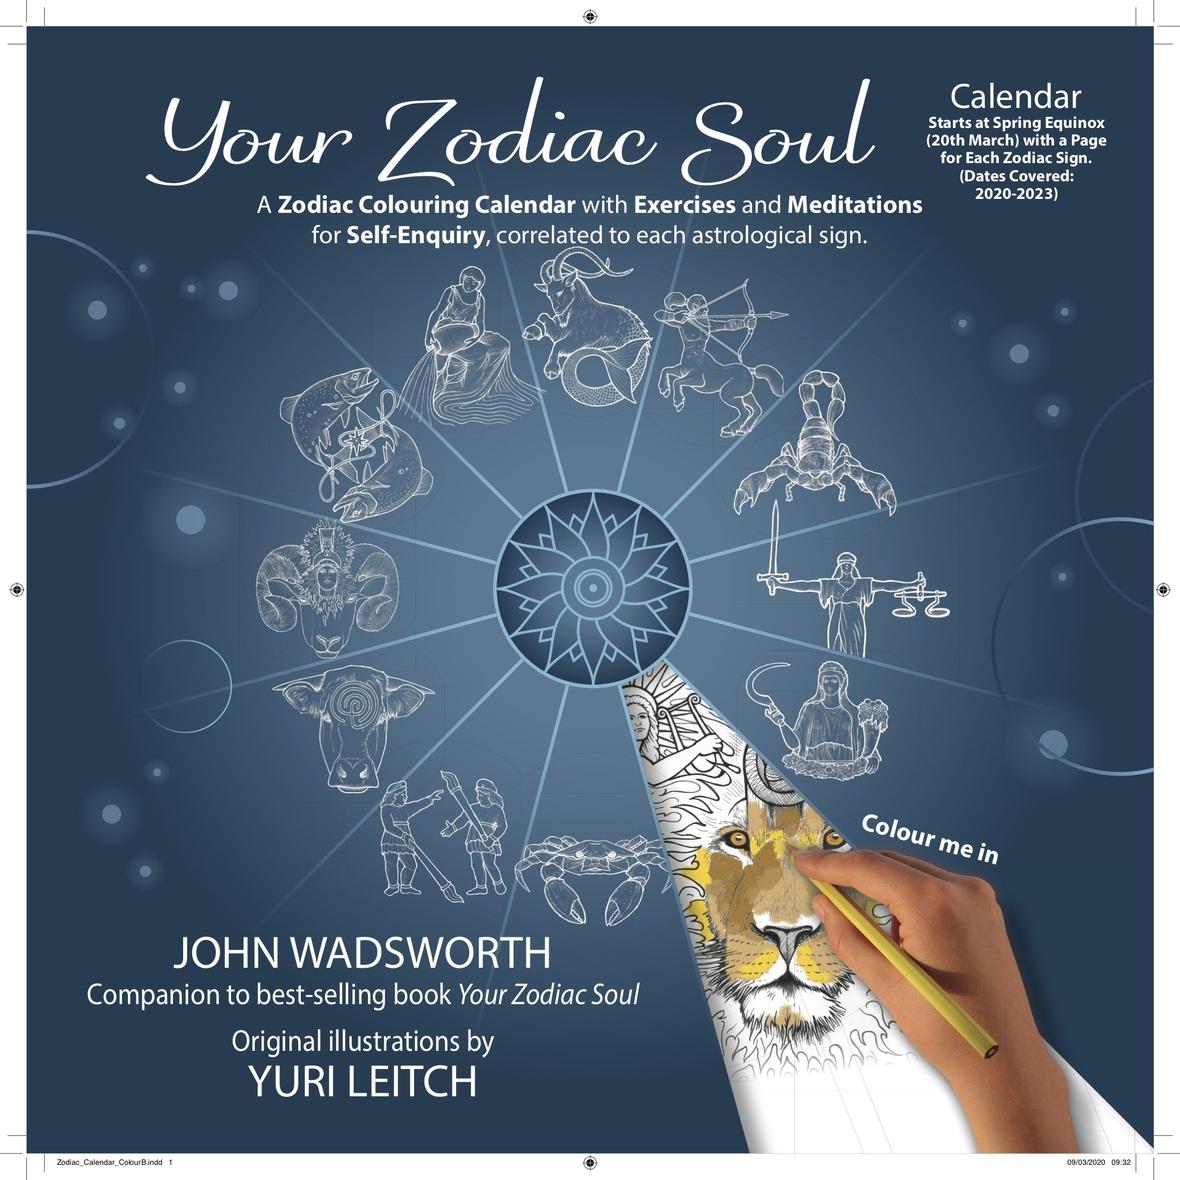 Zodiac Calendar Outer Cover